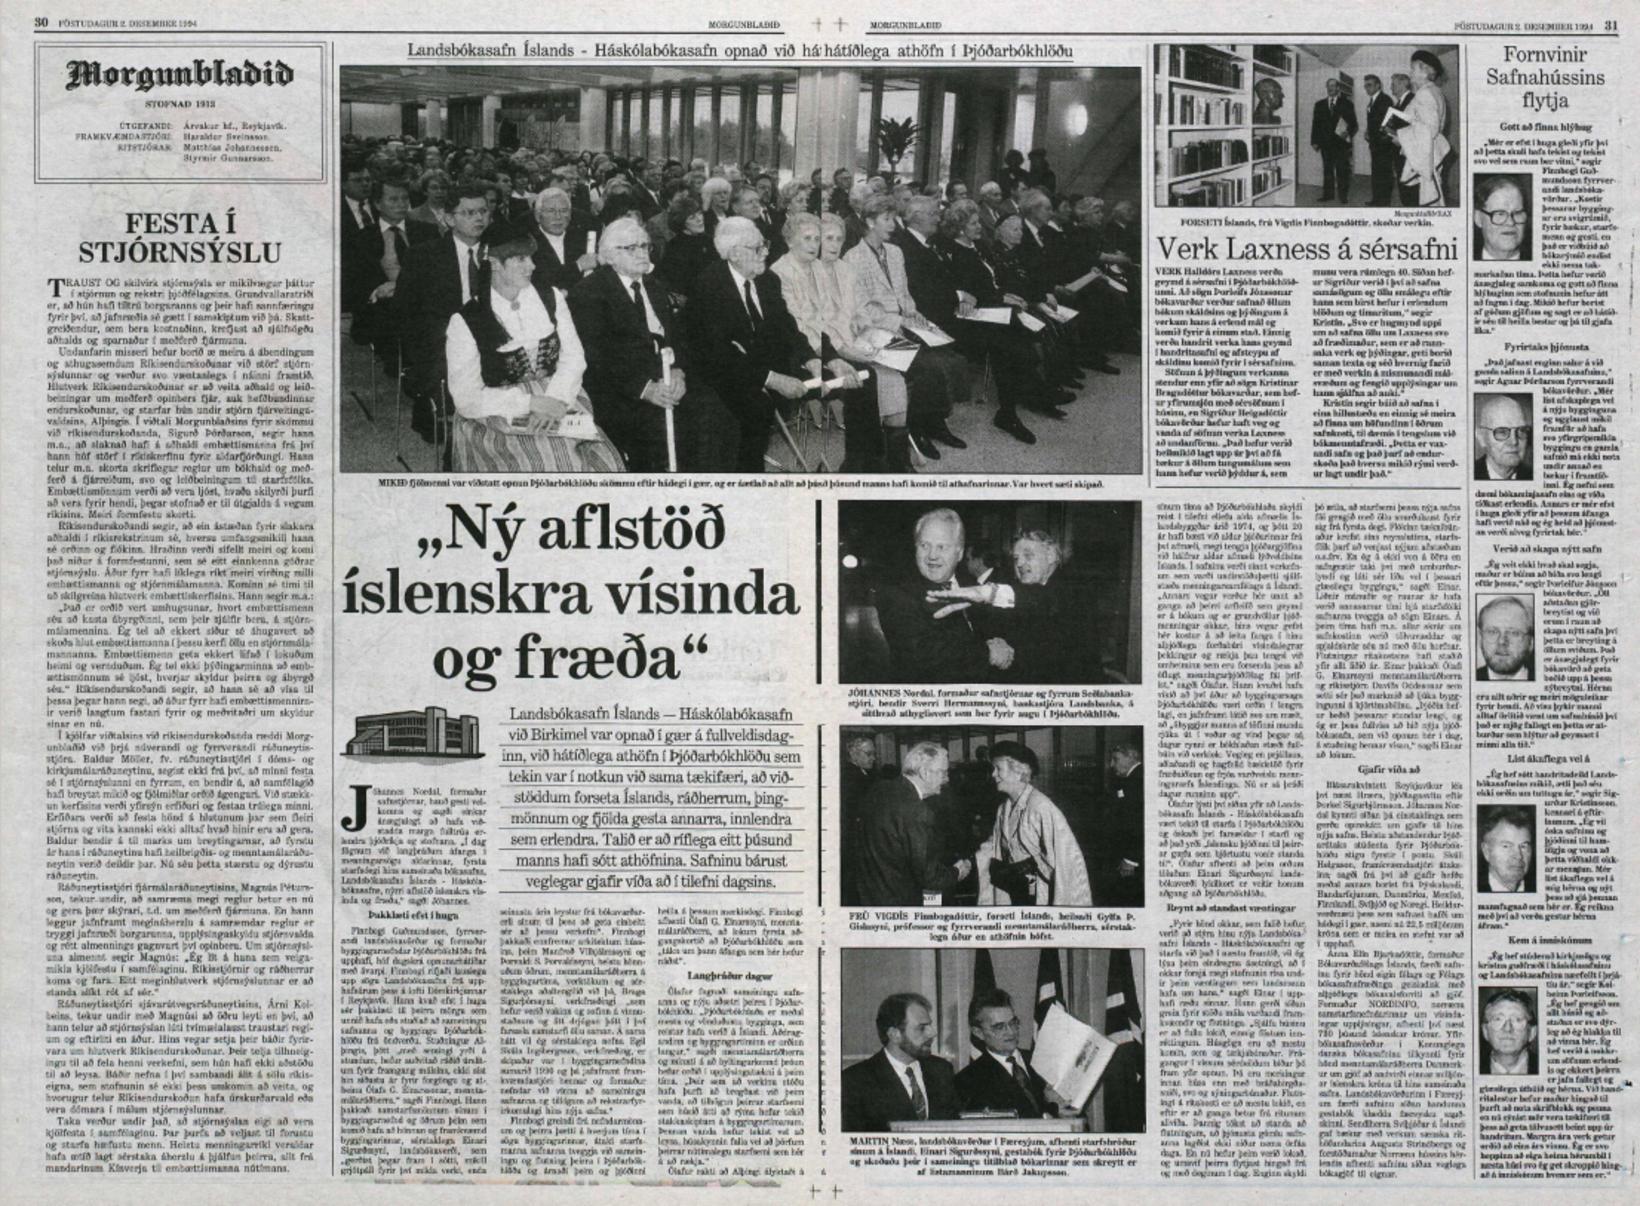 Miðopna Morgunblaðsins annan desember 1994 var lögð undir opnun Þjóðarbókhlöðunnar. …